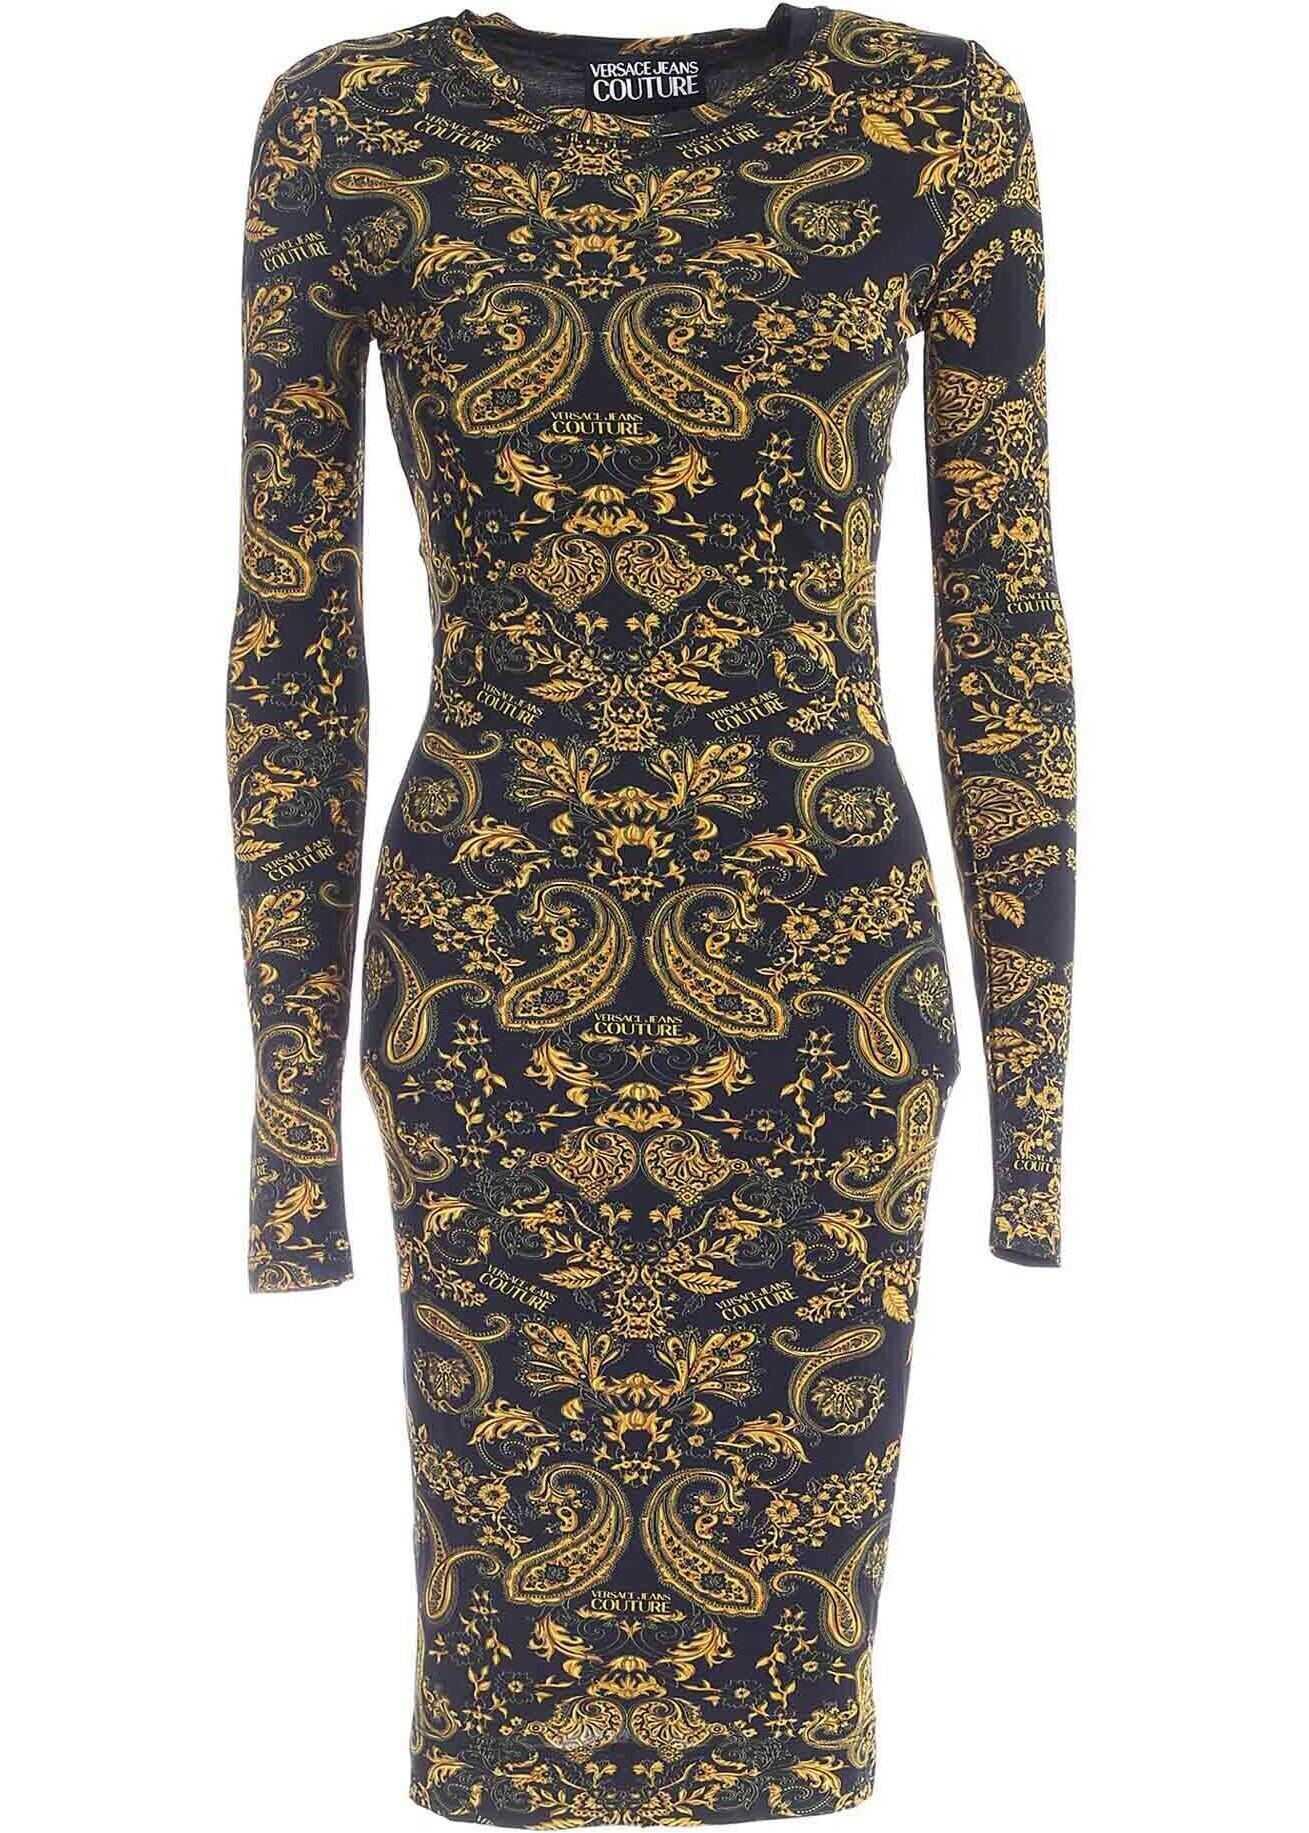 Versace Jeans Couture Paisley Loop Print Dress In Black* Black